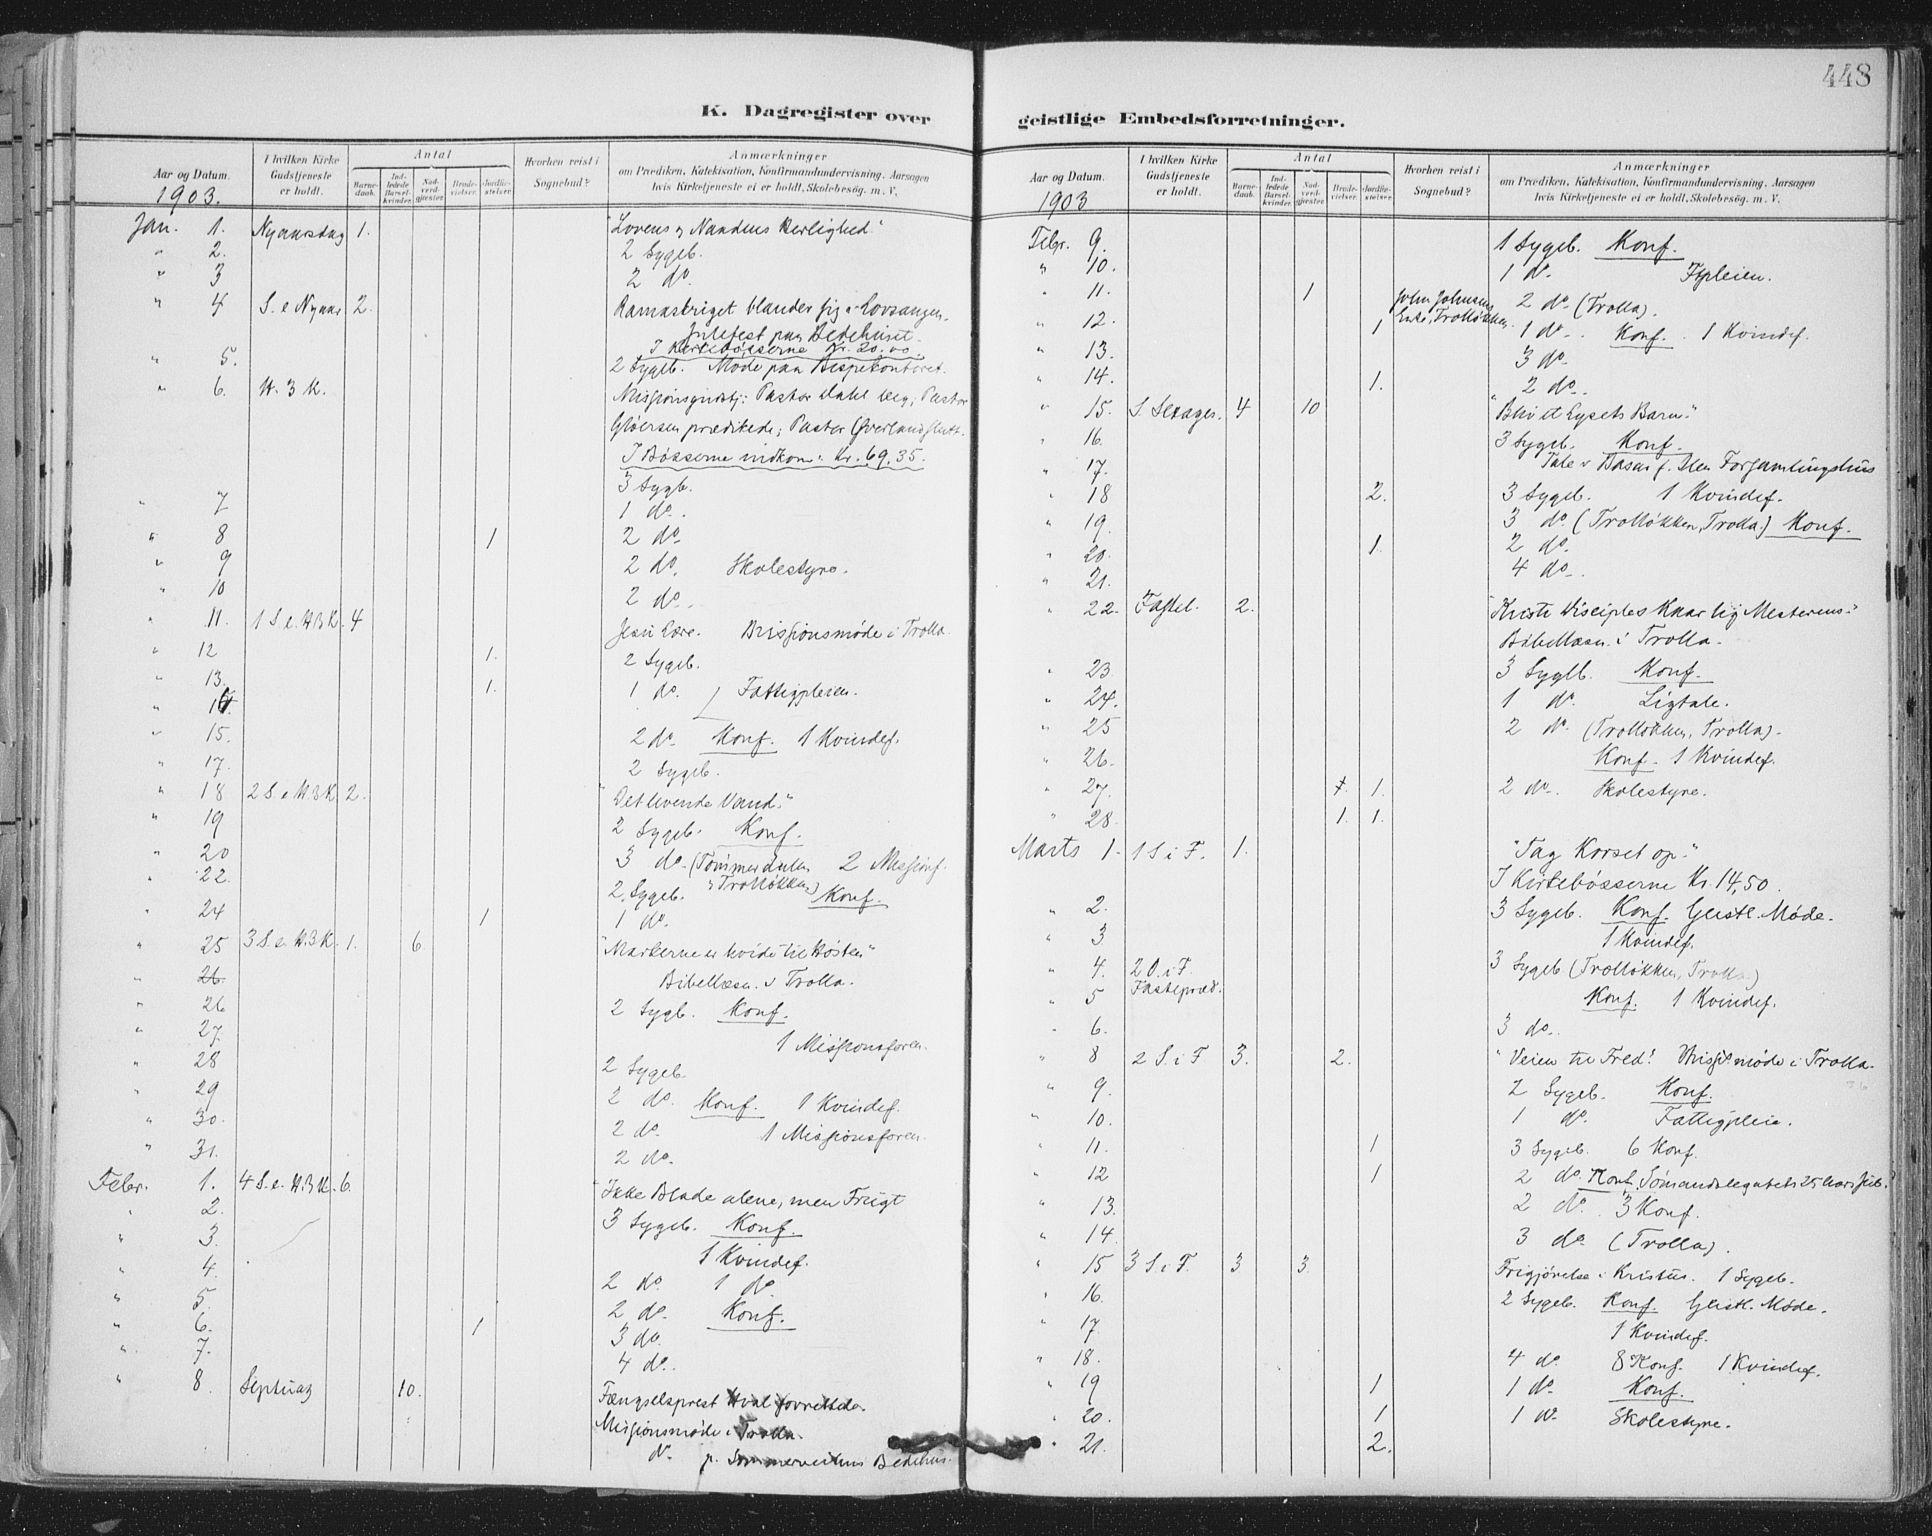 SAT, Ministerialprotokoller, klokkerbøker og fødselsregistre - Sør-Trøndelag, 603/L0167: Ministerialbok nr. 603A06, 1896-1932, s. 448